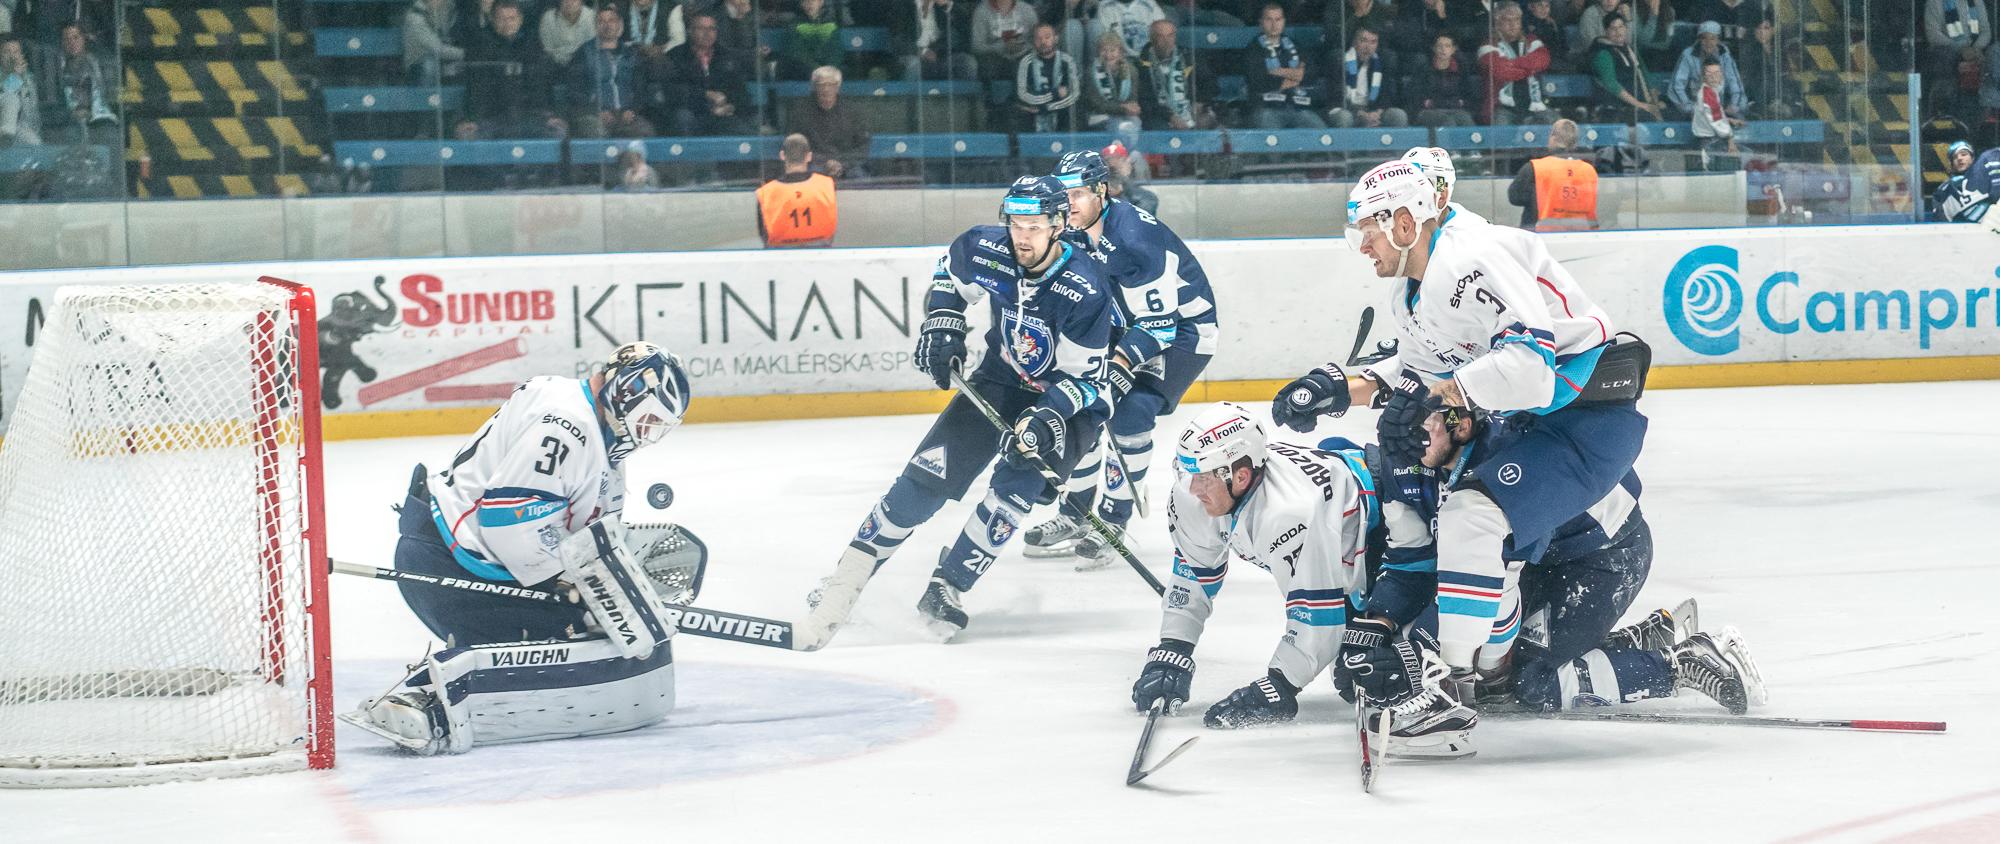 Hokej  Nitra doma bodovala naplno - Šport a relax  c04b0c0eeb3